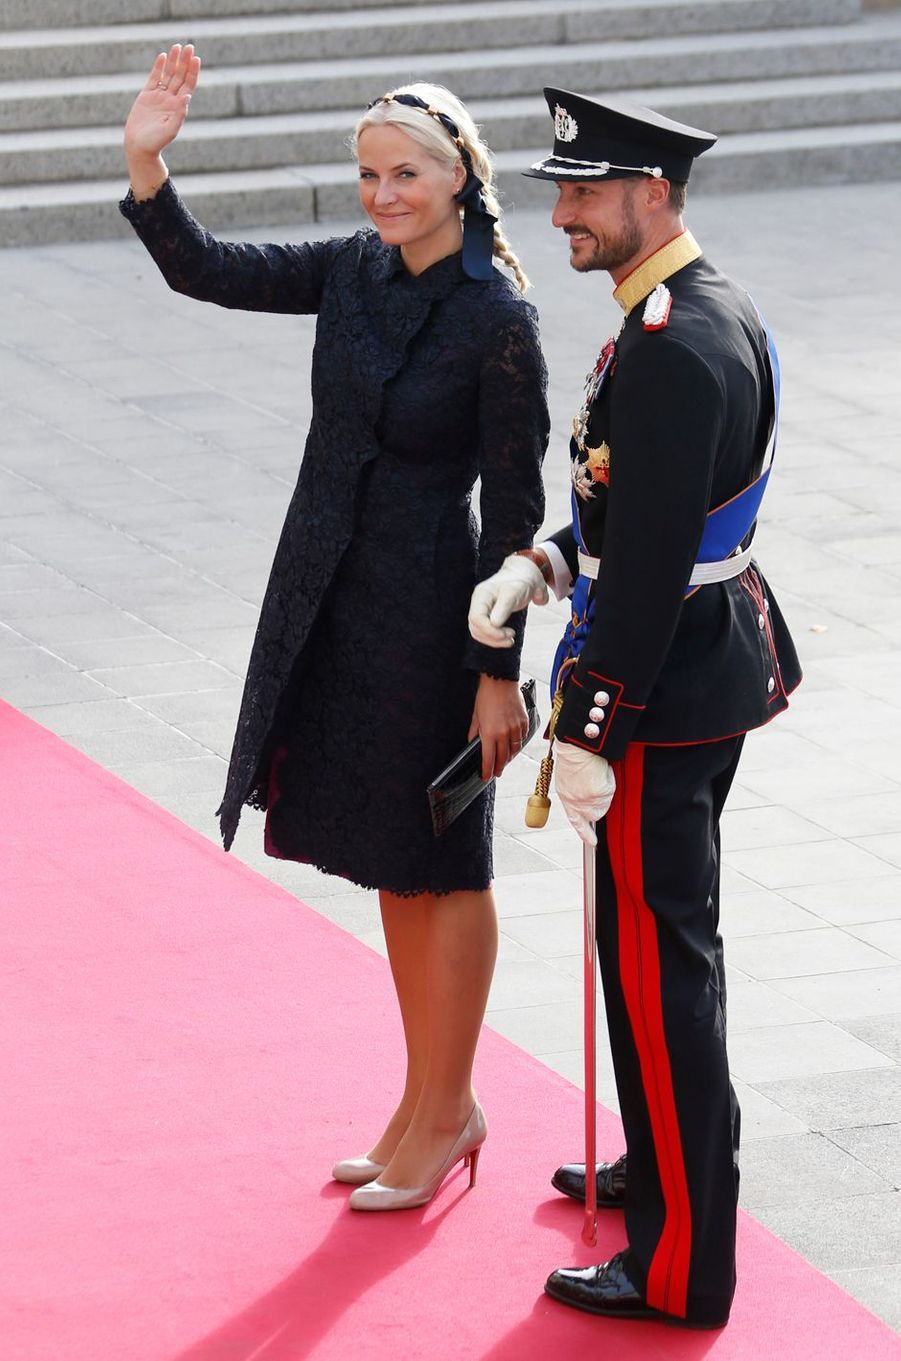 La princesse Mette-Marit et le prince Haakon de Norvège, le 20 octobre 2012